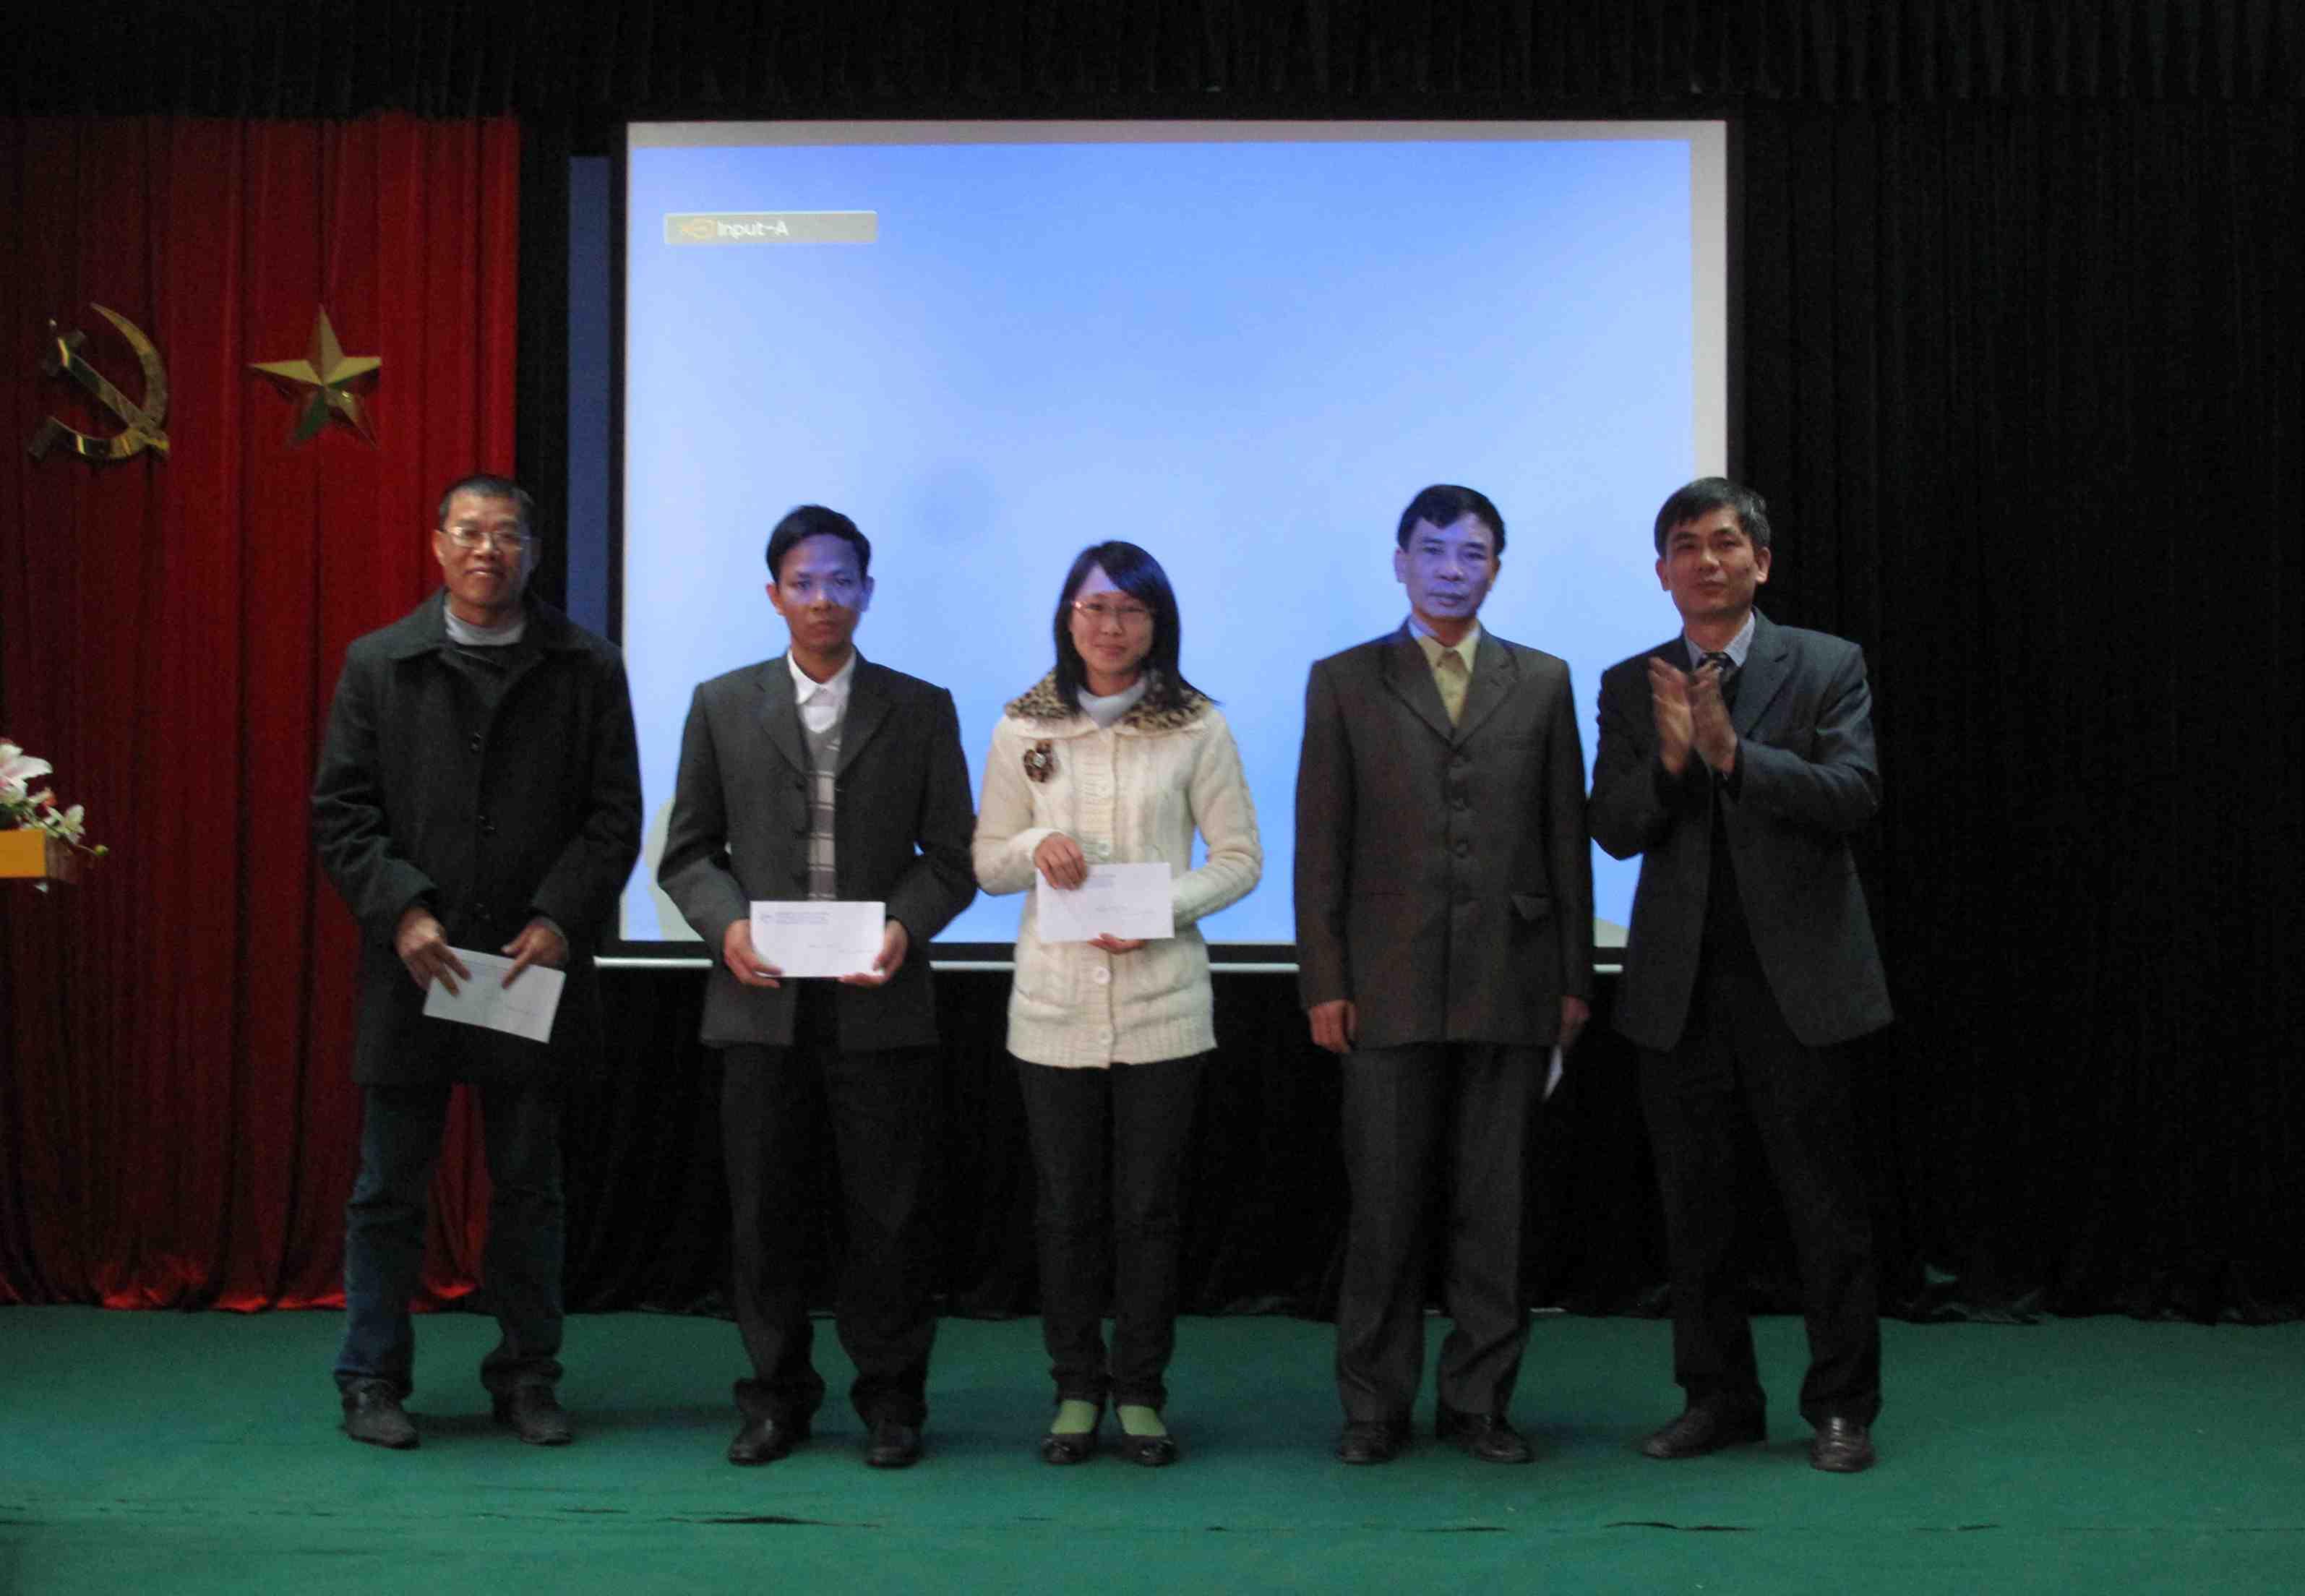 Gặp măt đầu xuân cán bộ hưu trí – Lễ trao thưởng năm 2011 của  Viện Khoa học và Kỹ thuật hạt nhân